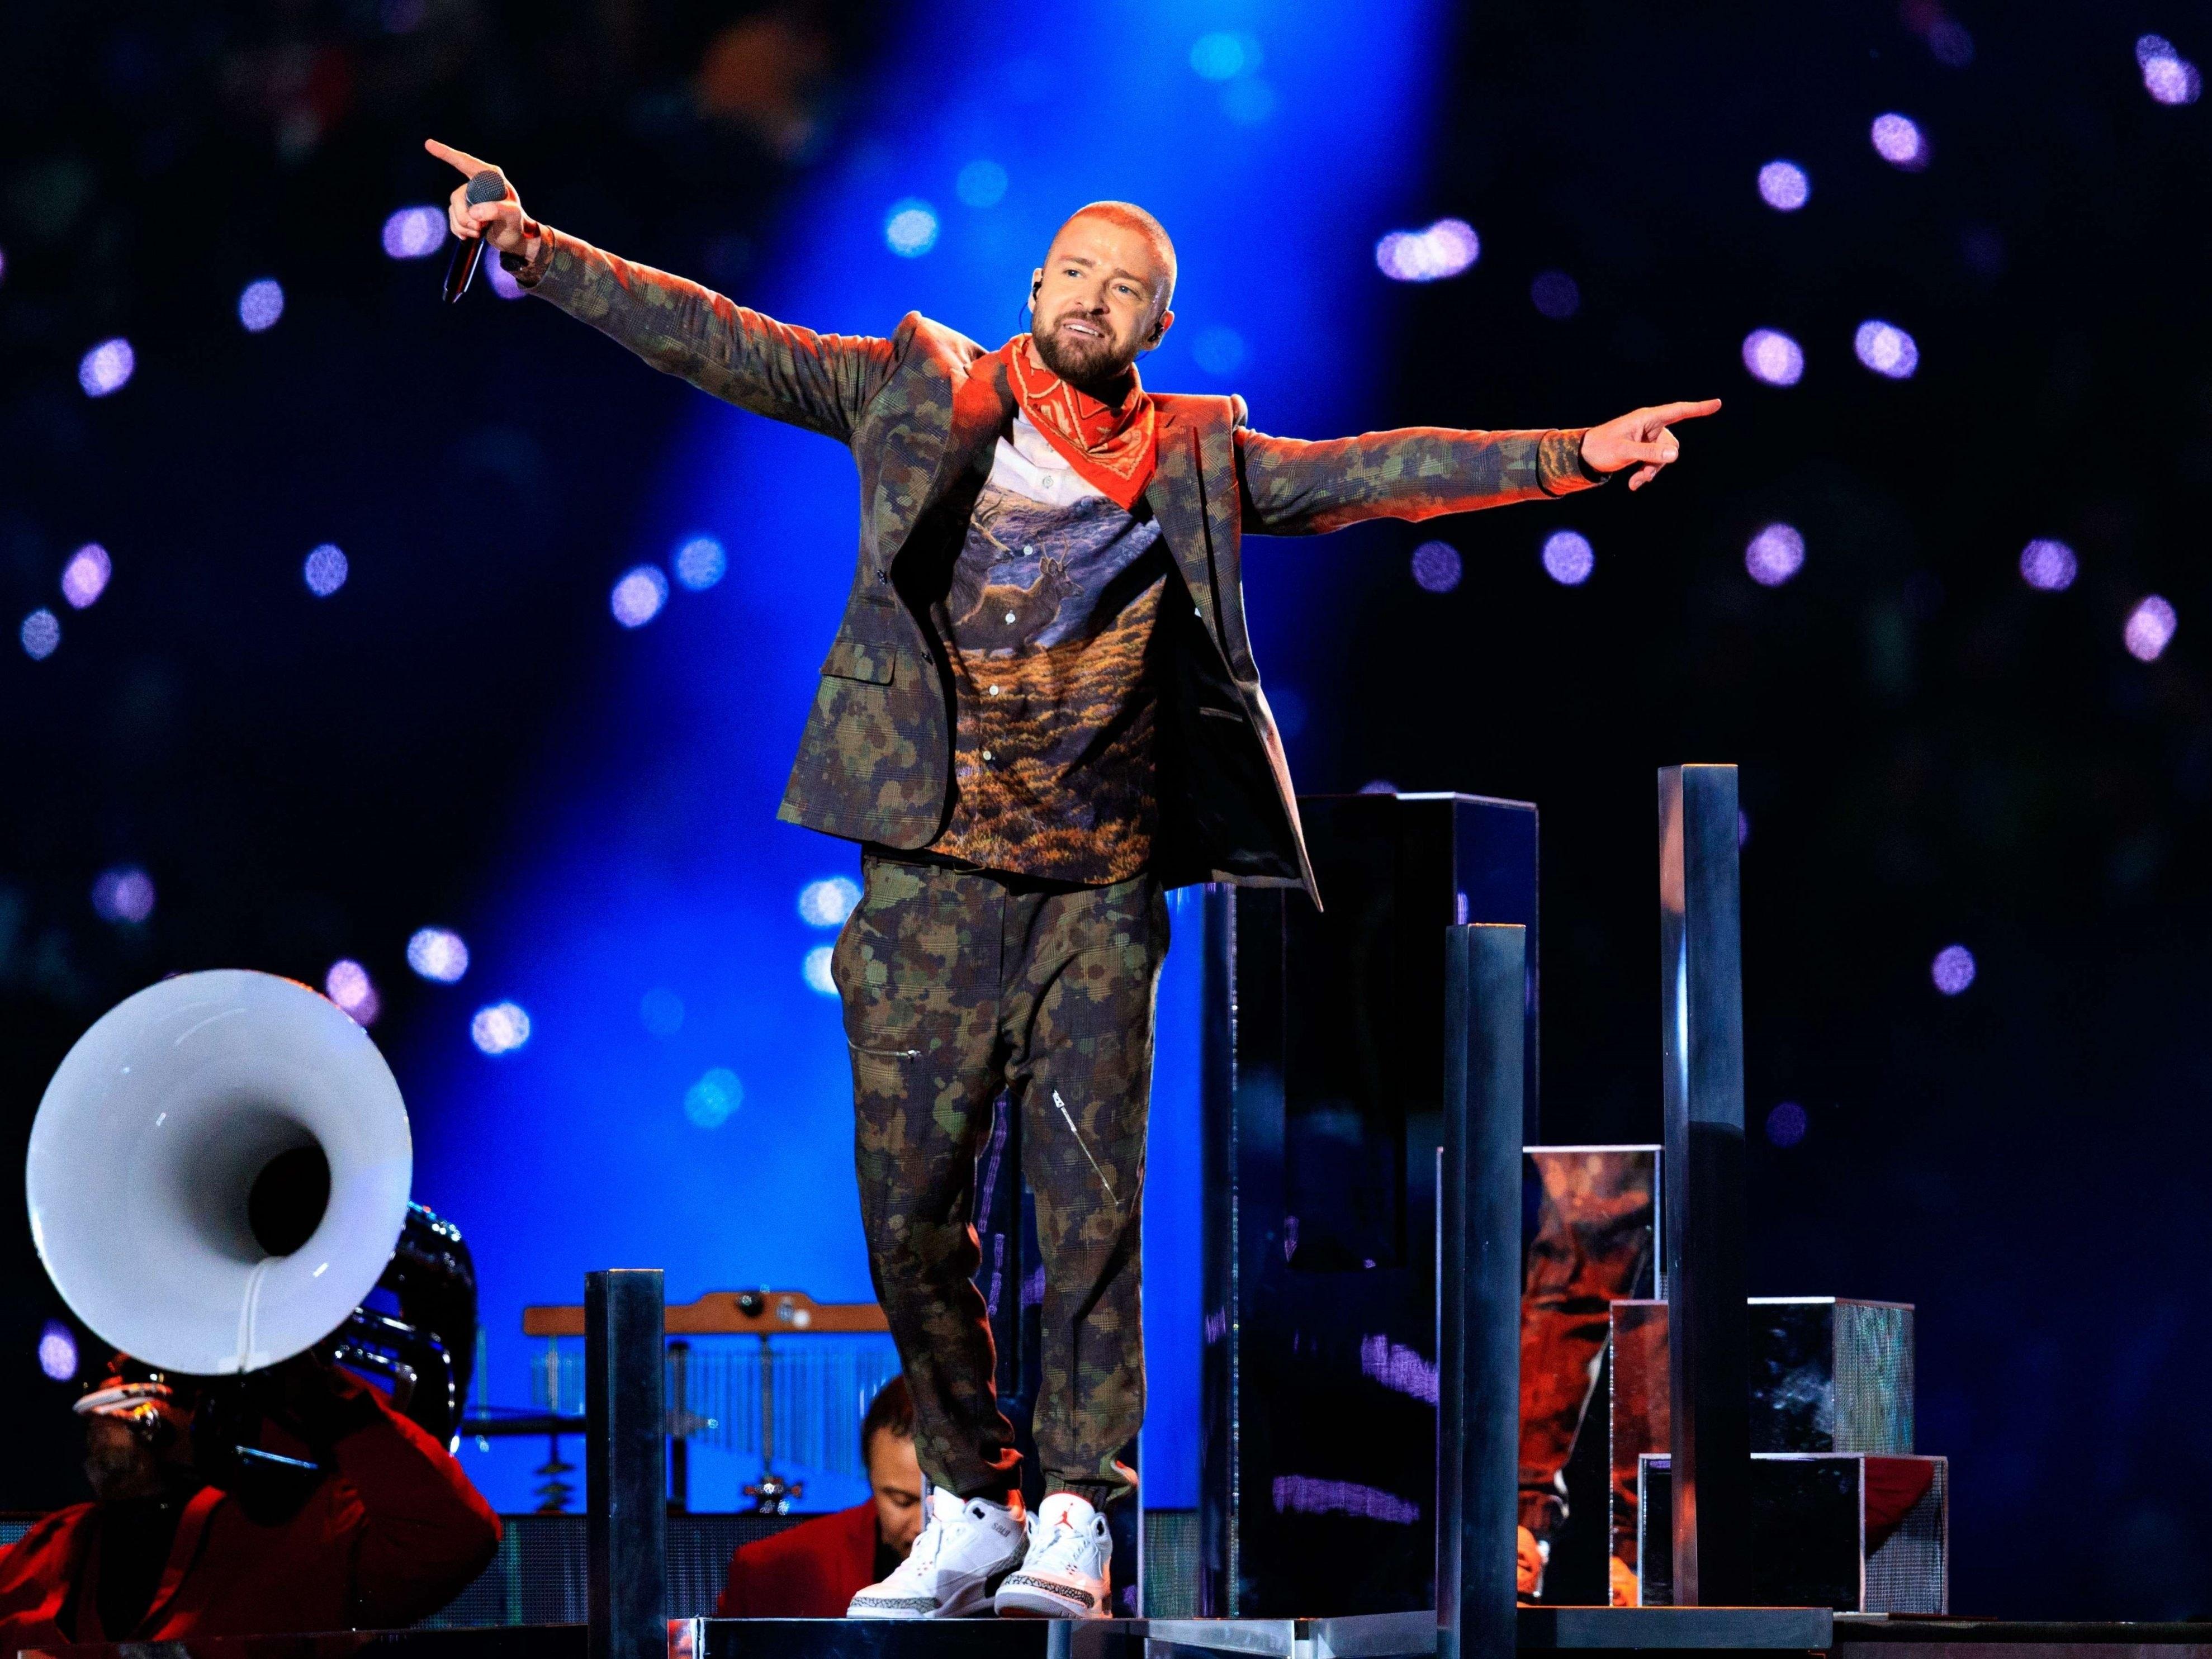 Unfassbare Halbzeitshow: Justin Timberlake Rockt Den Super intended for Justin Timberlake Super Bowl 2018